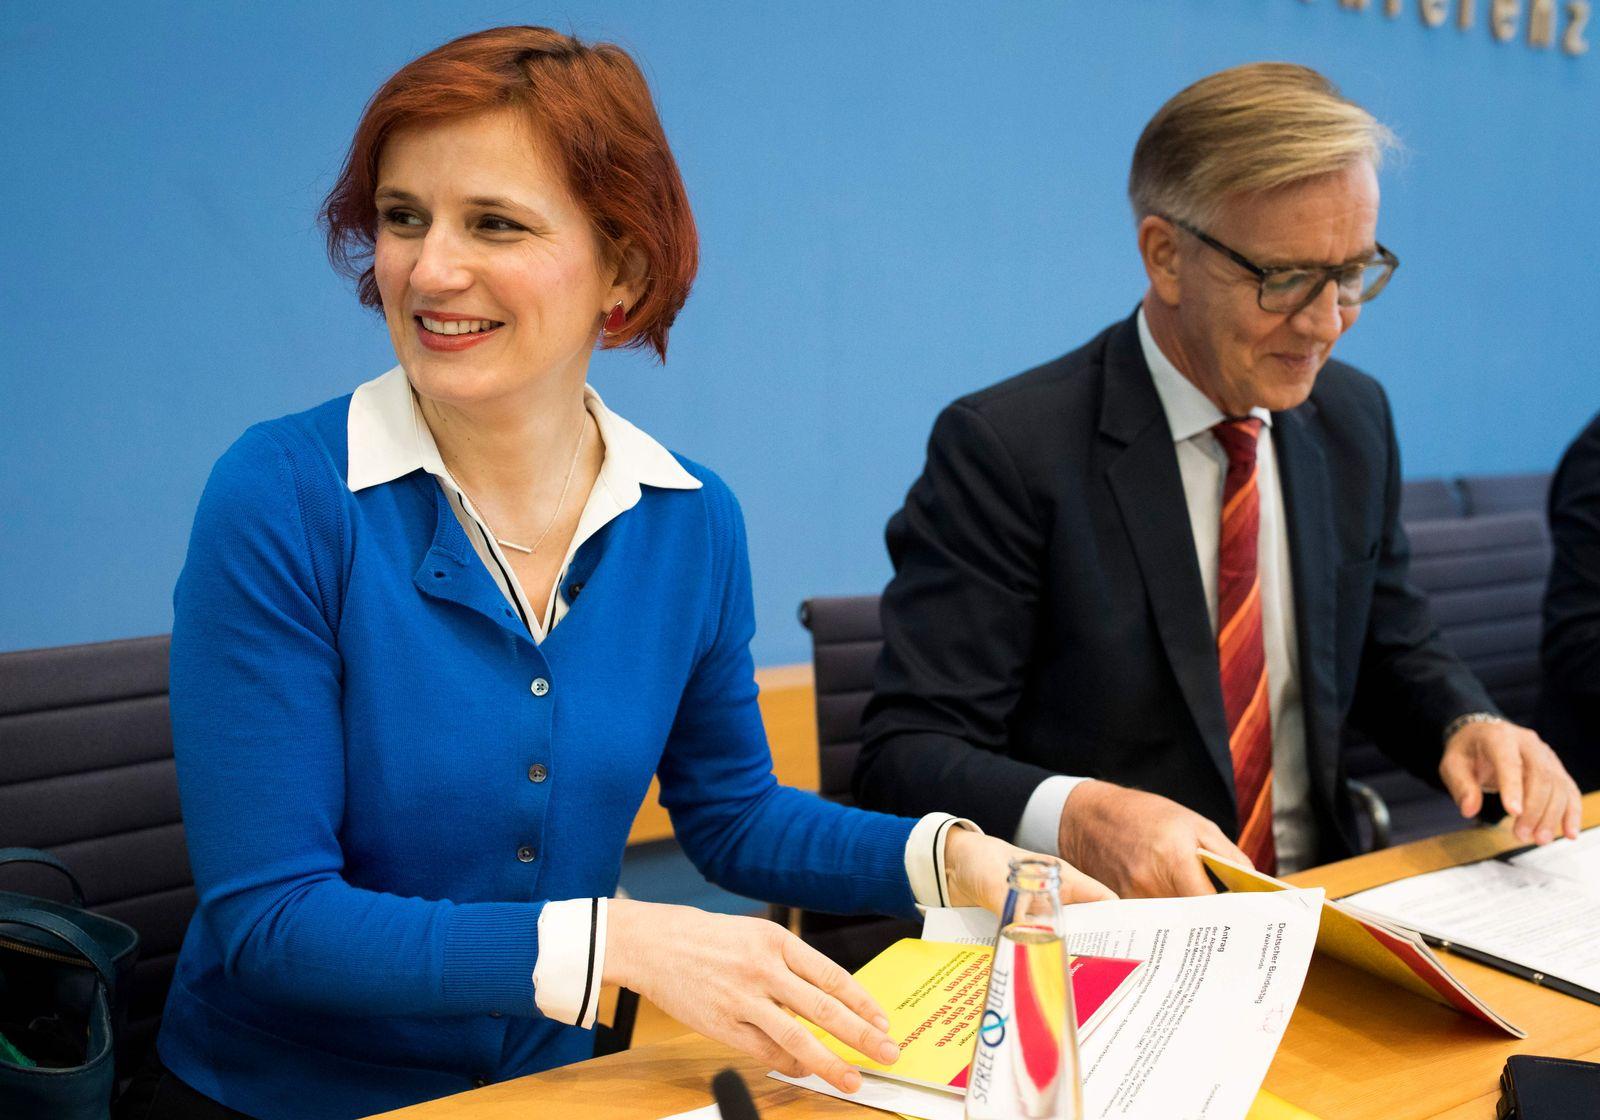 GERMANY-POLITICS-PARTIES-DIE-LINKE